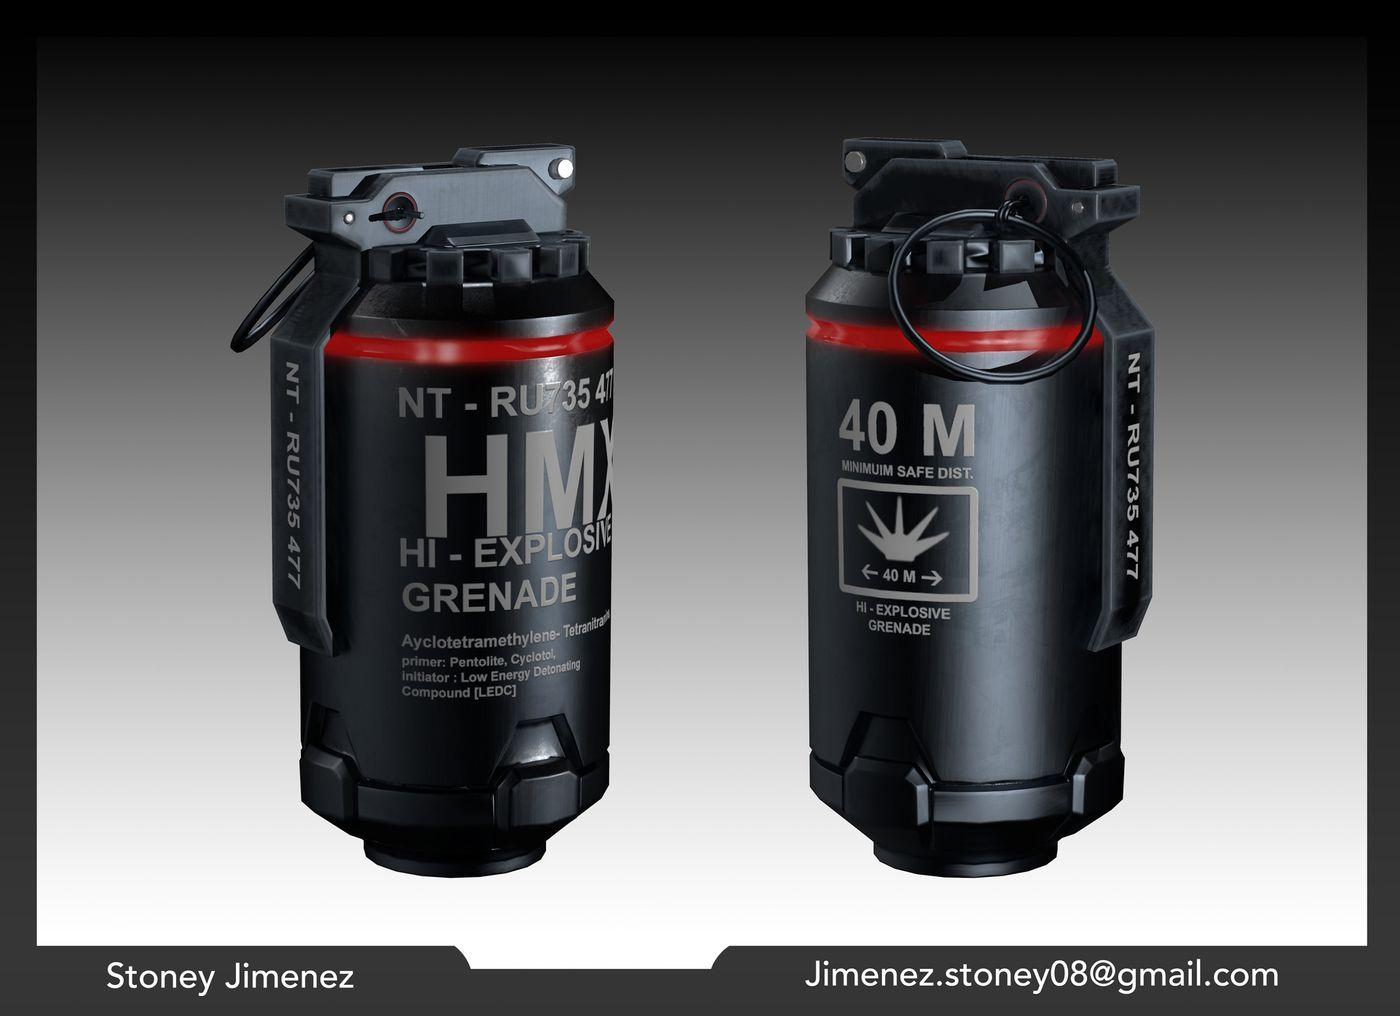 Stoney Jimenez Jimenez Stoney Grenade1 Stoney08